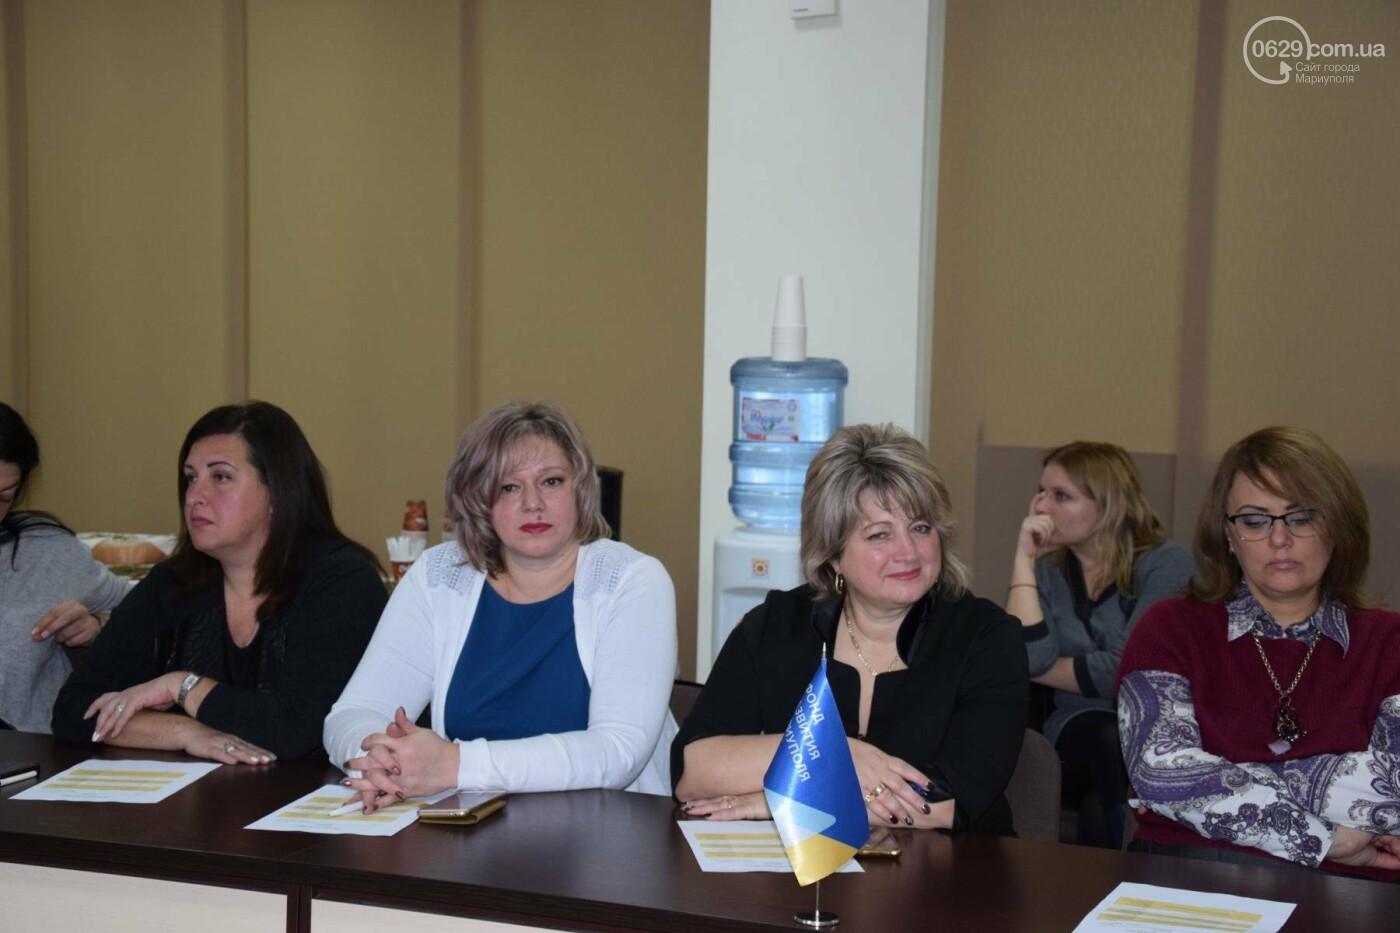 Презентация убежища в Мариуполе завершилась предложением о  воссоздании вытрезвителей (ФОТО, ВИДЕО), фото-6